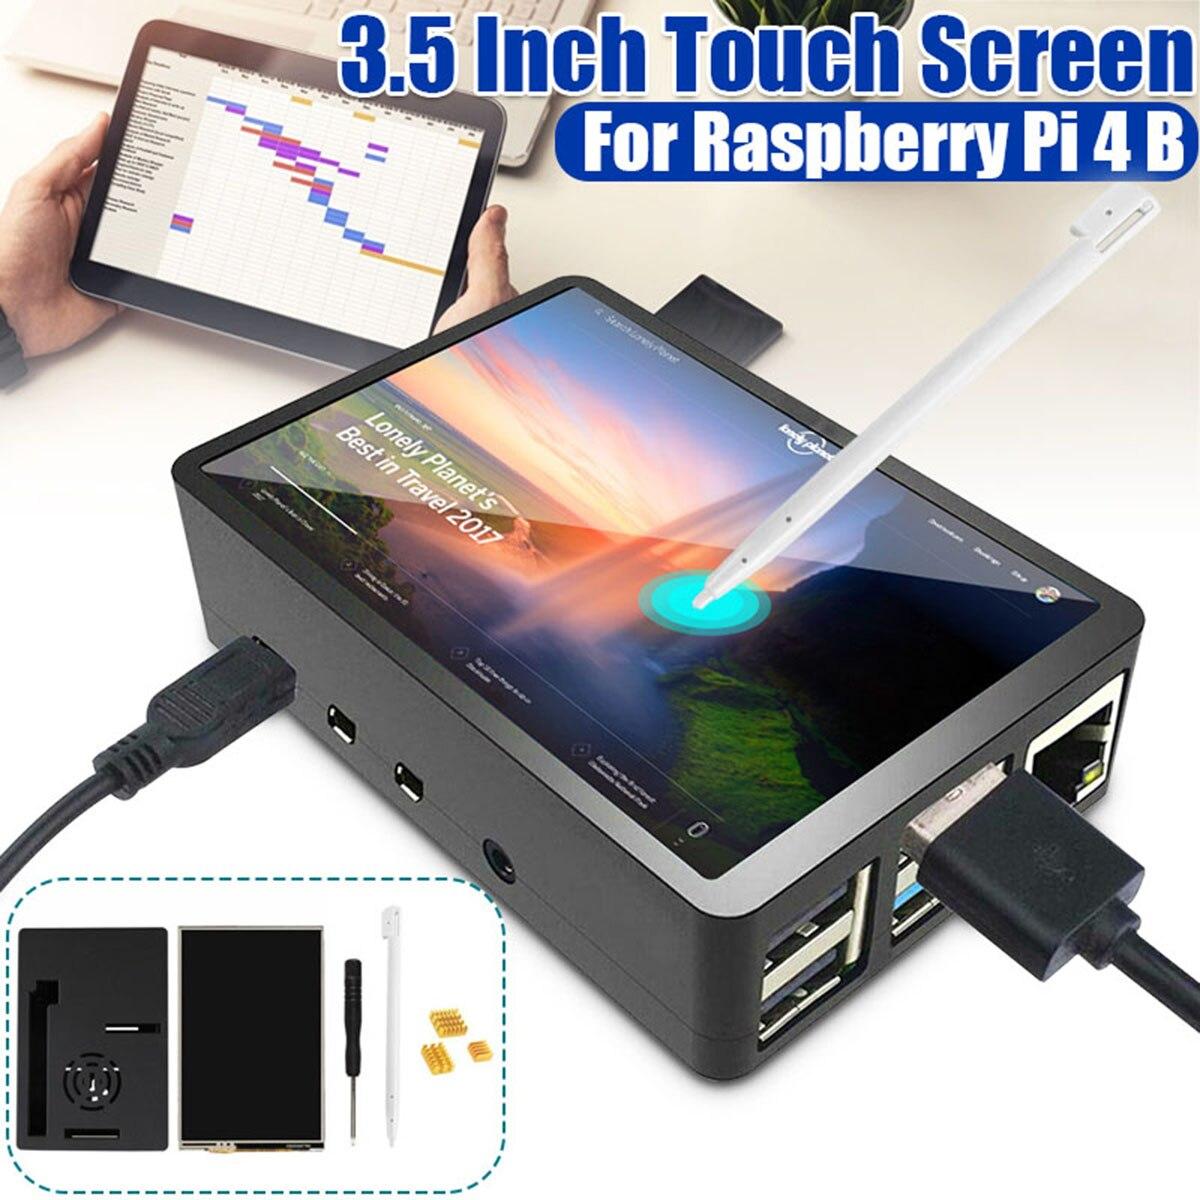 1 комплект, 3,5 дюйма с технологией TFT, ЖКД, сенсорной панелью + чехол ABS + сенсорная ручка + отвертка, ЖК-дисплей, HDMI вход, монитор для Raspberry Pi 4 B